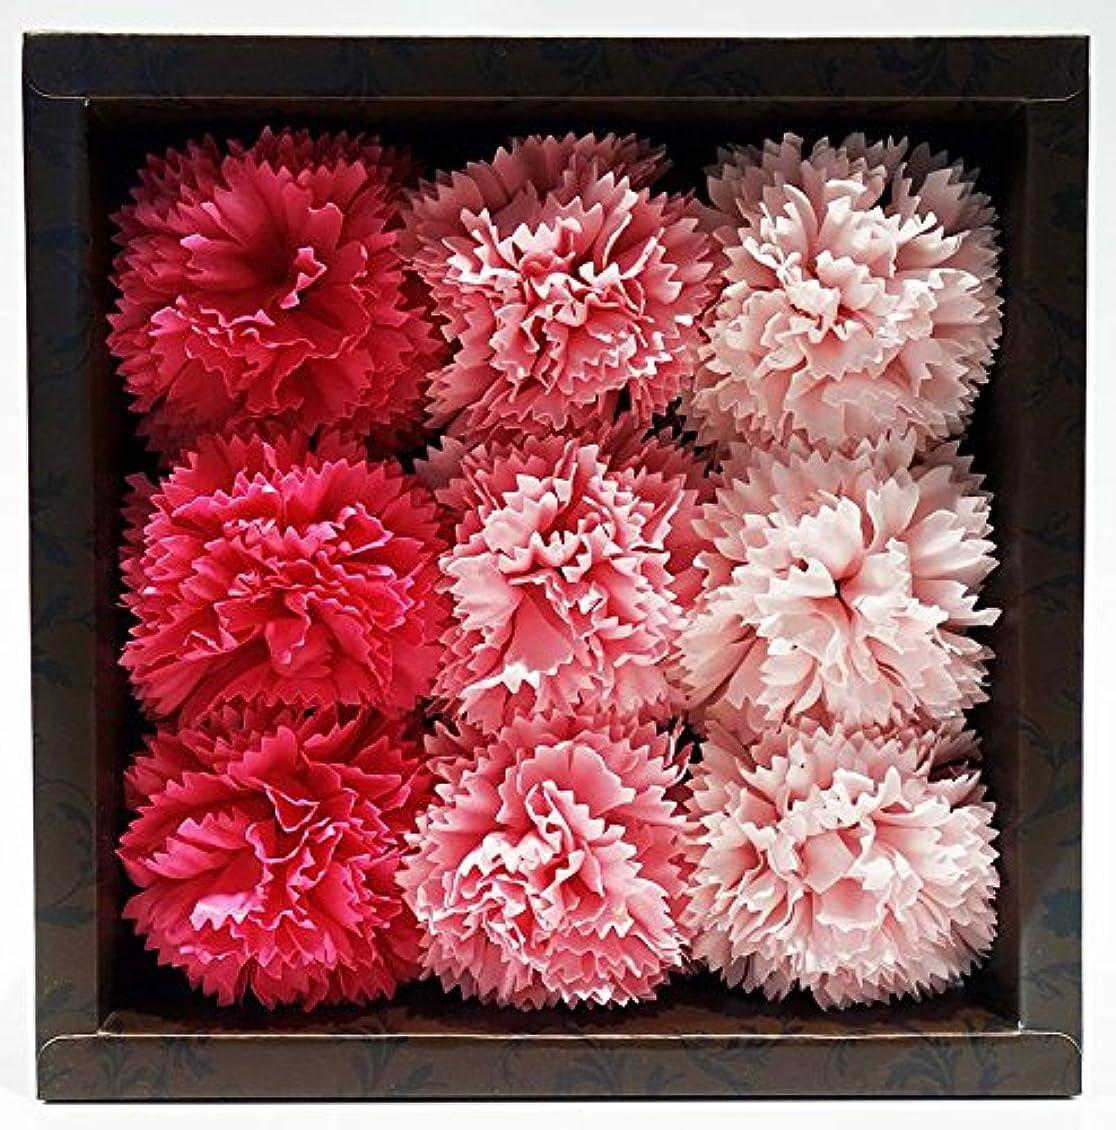 平凡つま先火山学バスフレグランス バスフラワー カーネーション ピンクカラー お花の形の入浴剤 母の日 プレゼント ギフト